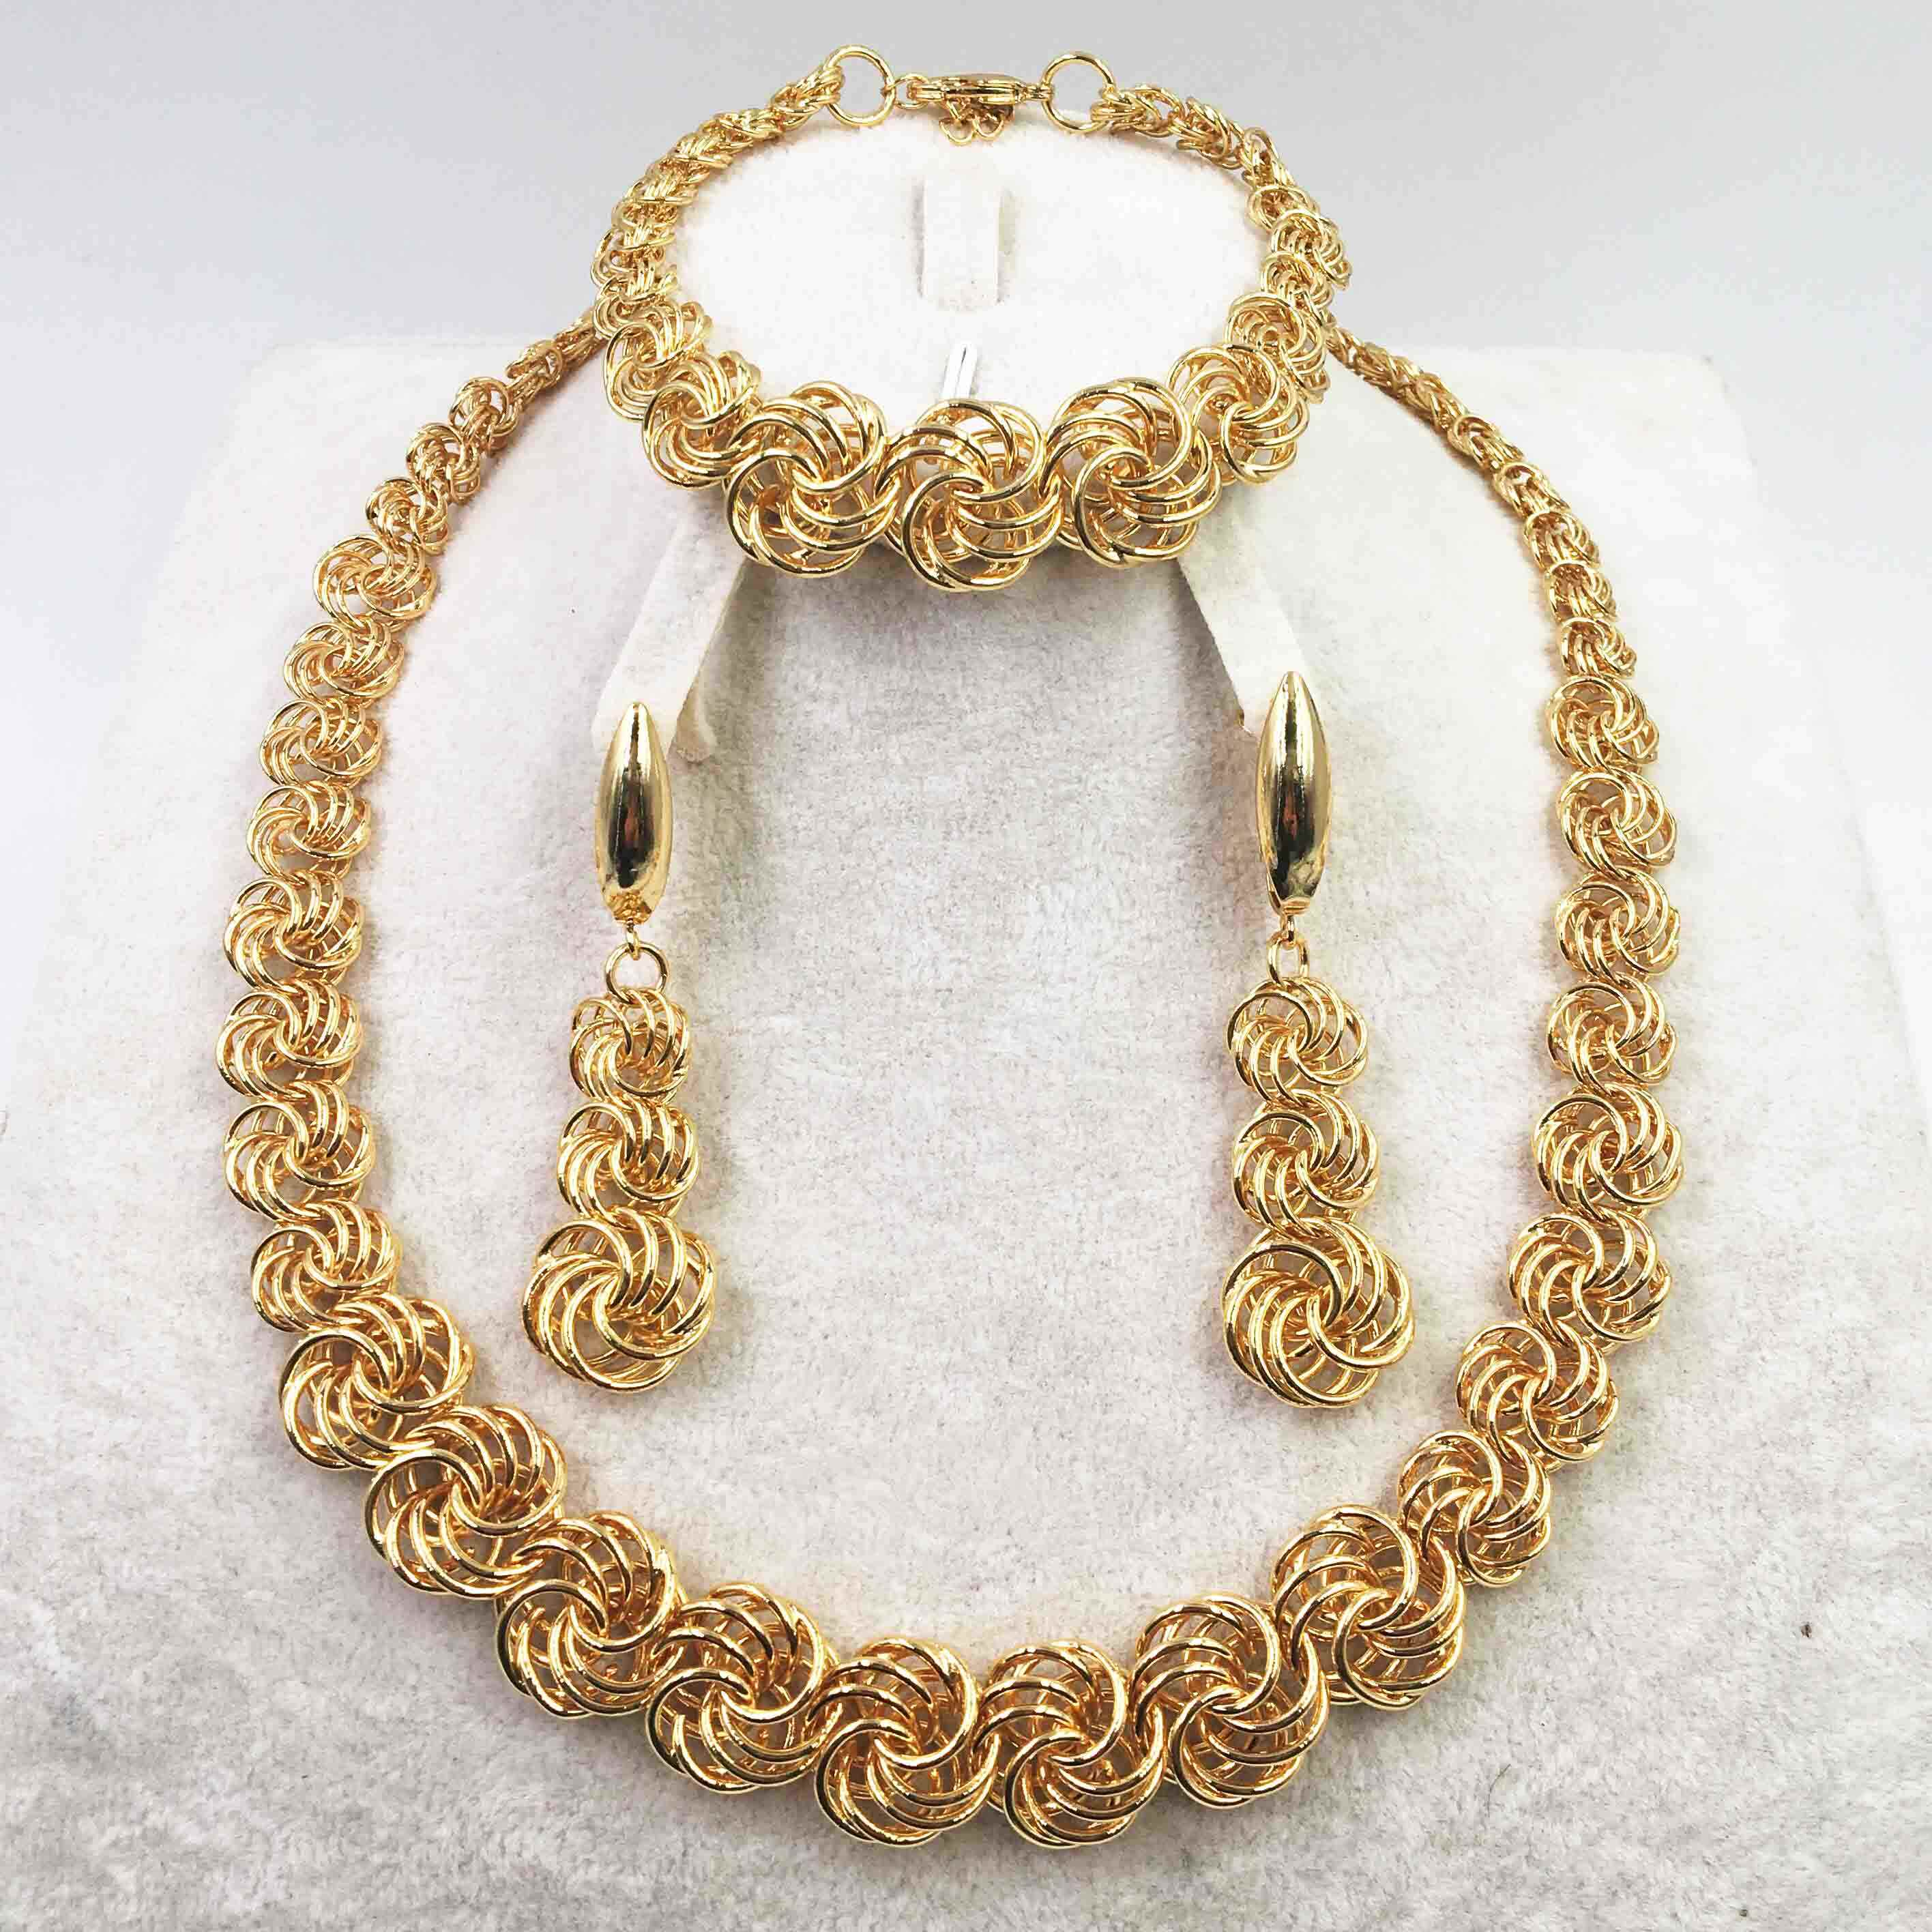 זהב נשים שרשרת סטי עגיל לנשים דובאי תכשיטי סטי תכשיטי חרוזים אפריקאים סט עגילי תכשיטים חתונת סט